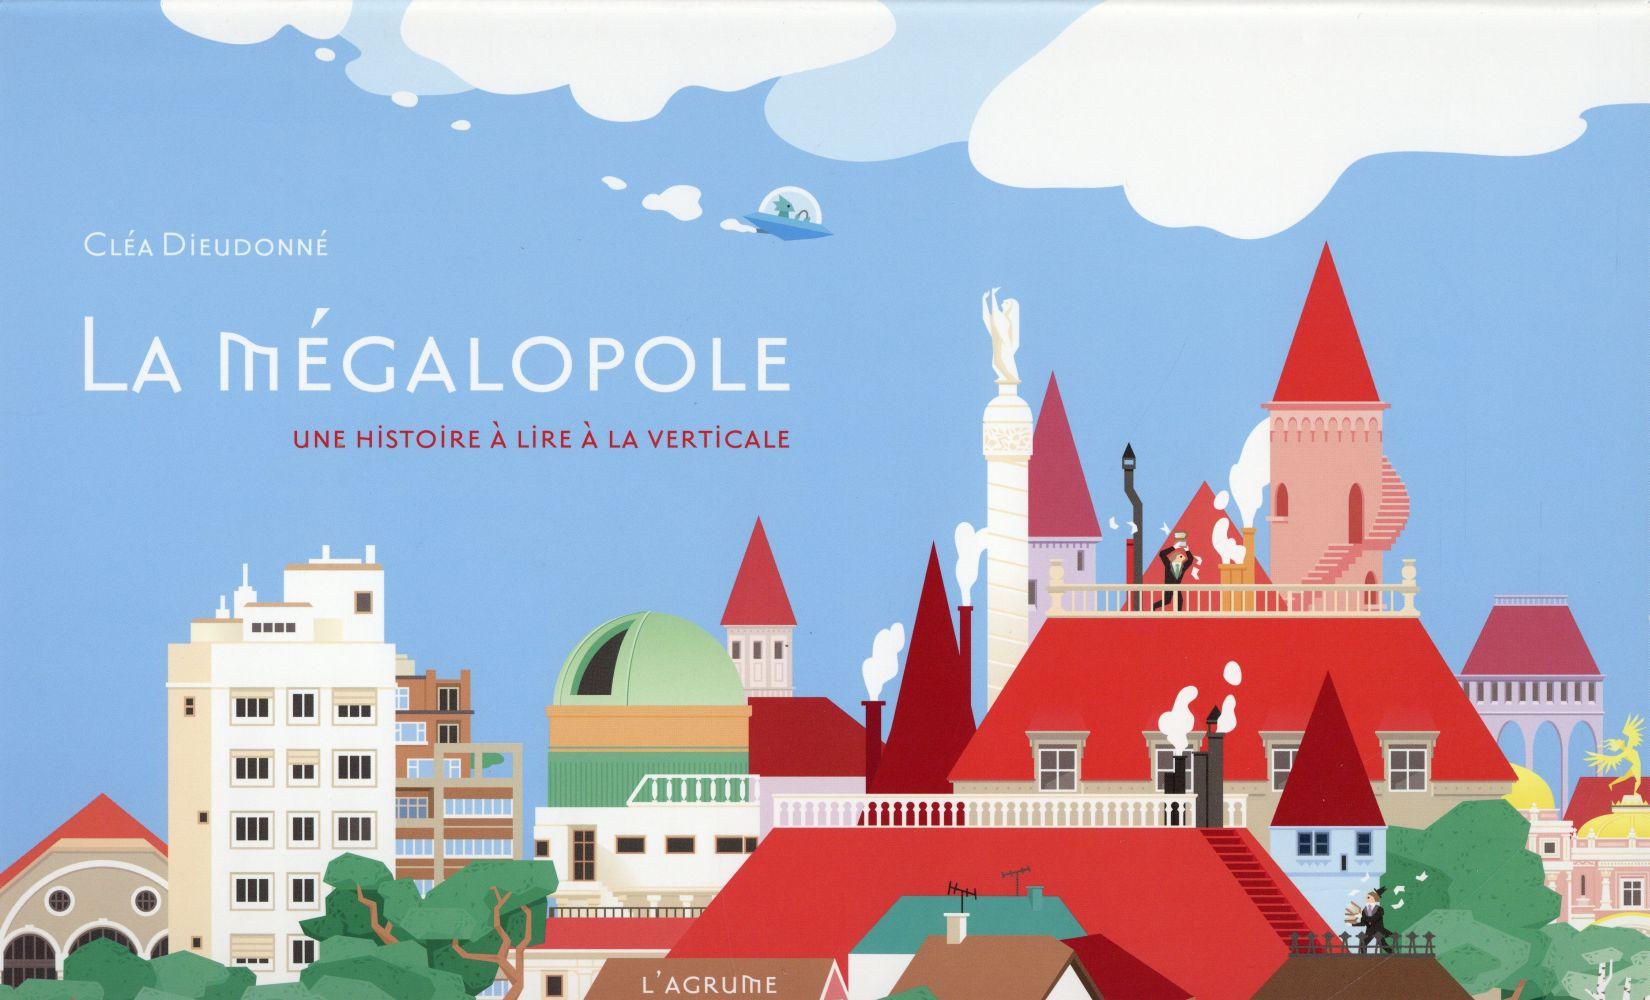 LA MEGALOPOLE - UNE HISTOIRE A LIRE A LA VERTICALE